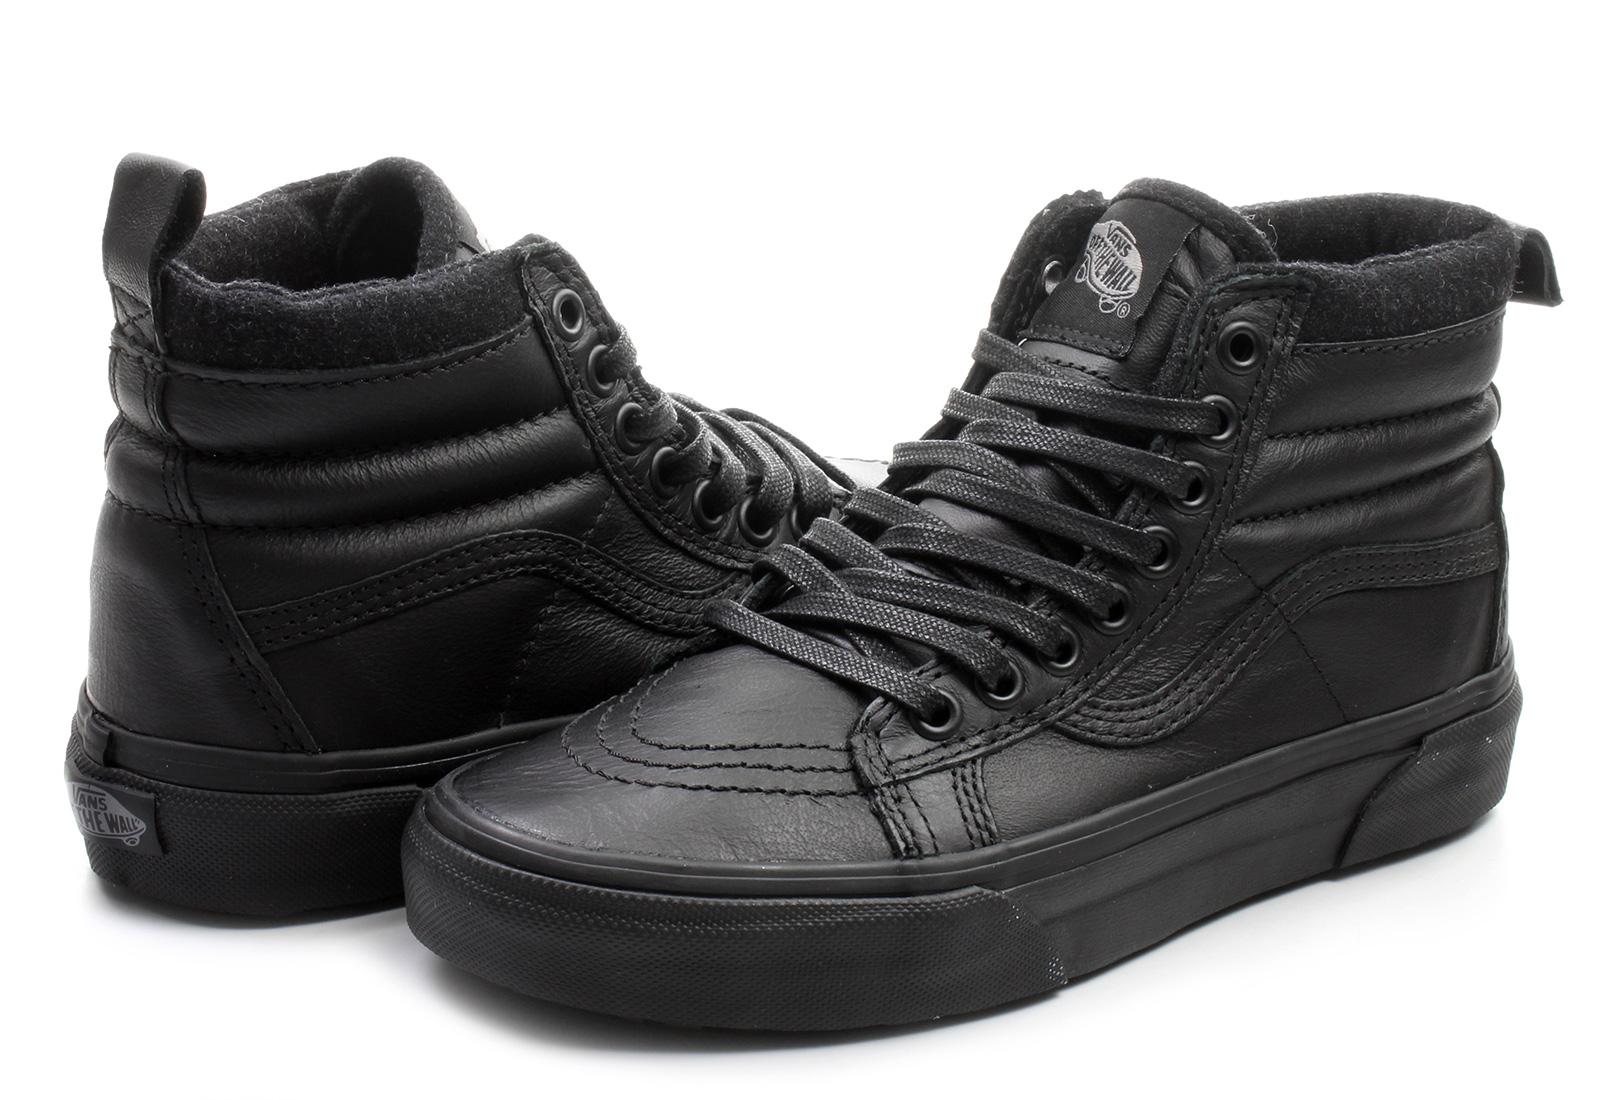 Vans Tornacipő - Sk8-hi Mte - VXH4GZH - Office Shoes Magyarország 752cda4e56